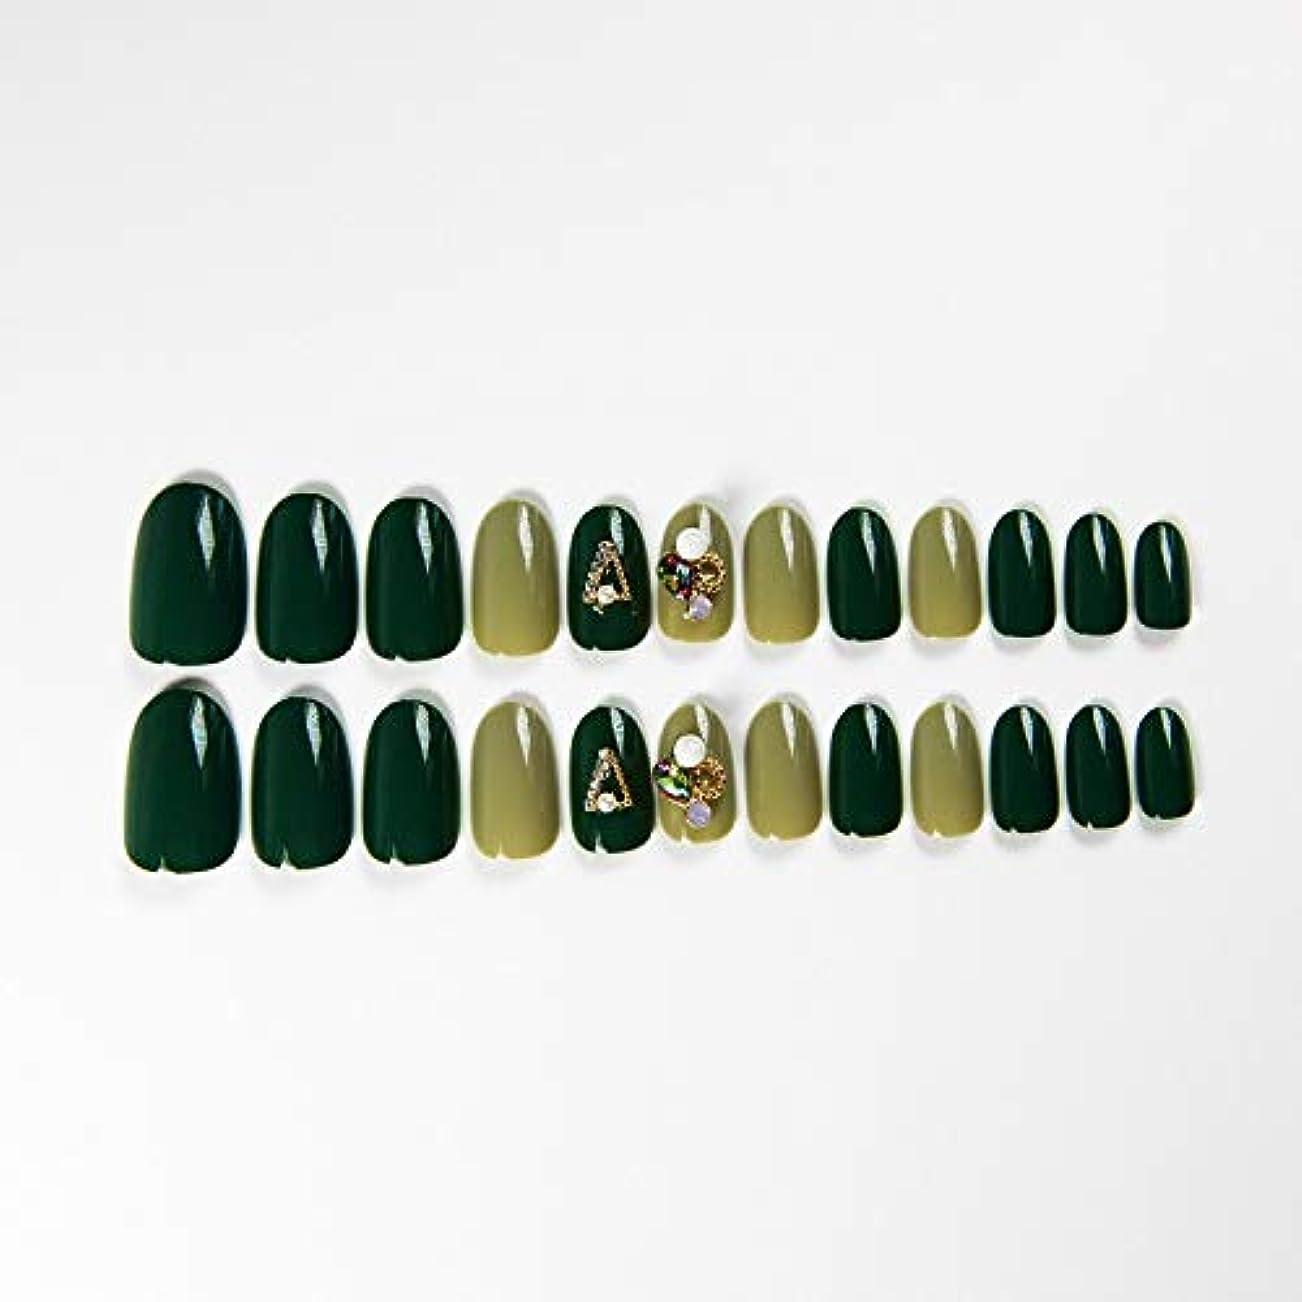 お風呂敬意を表してピザJonathan ハンドケア 緑の偽爪キット24pcsアボカドの緑の偽の爪、接着剤付き